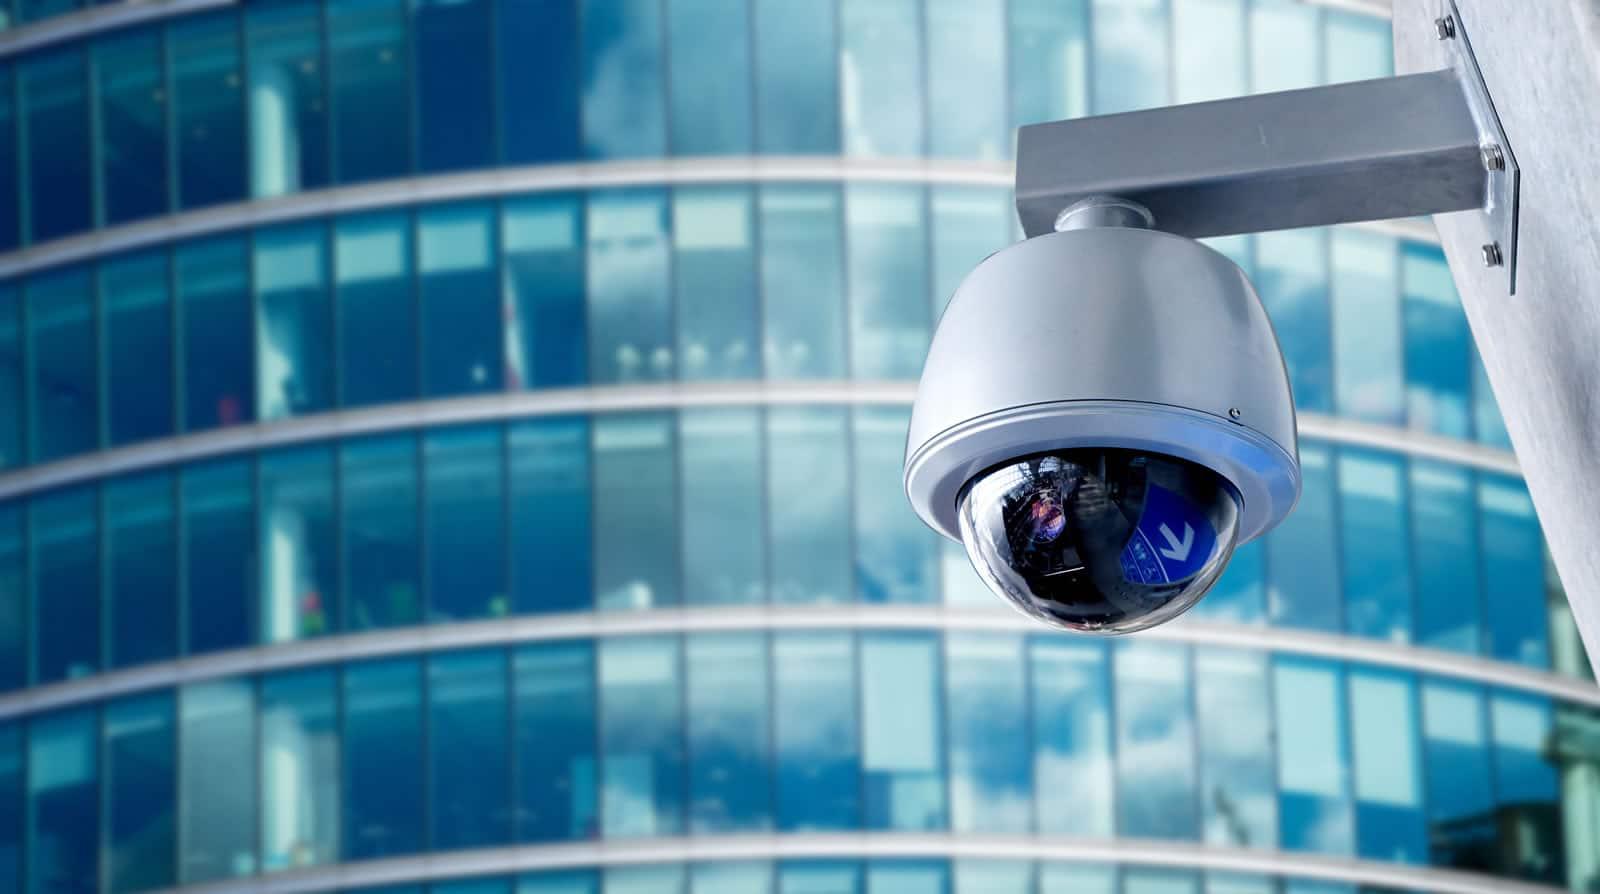 Sistema de Segurança para prédio